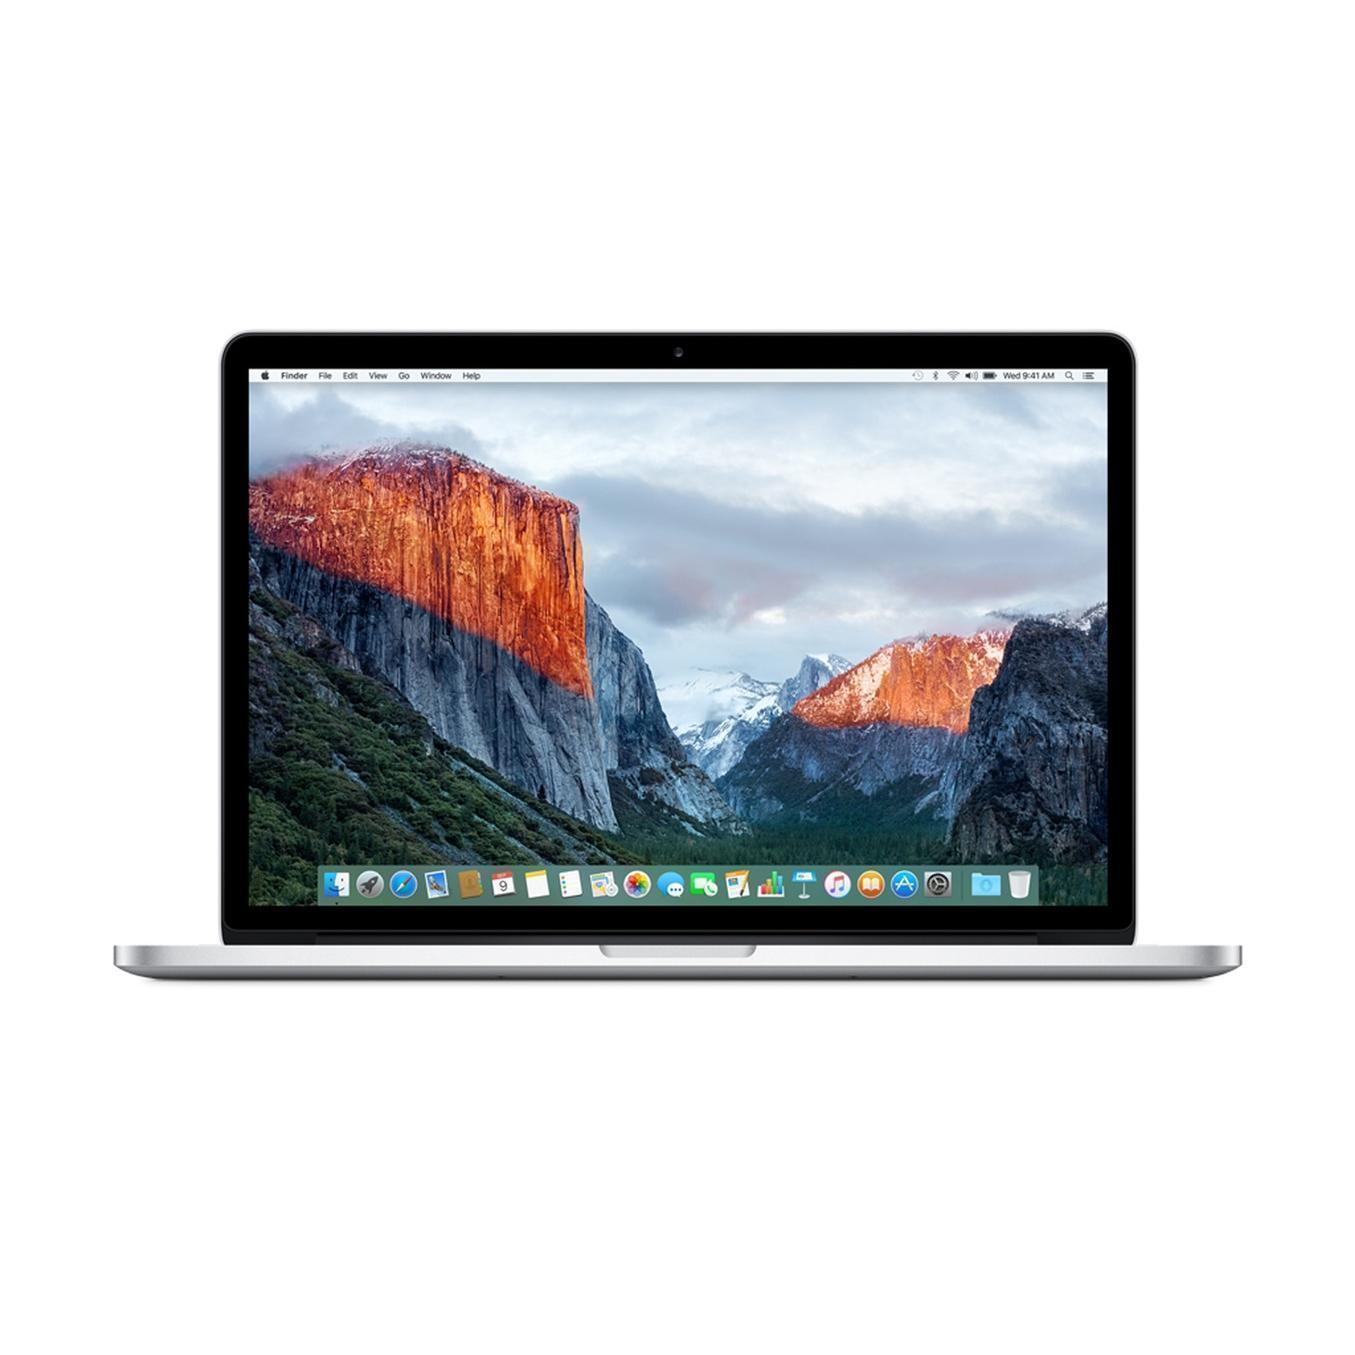 MacBook Pro Retina 15,4-tum (2013) - Core i7 - 16GB - SSD 500 GB QWERTY - Italienska